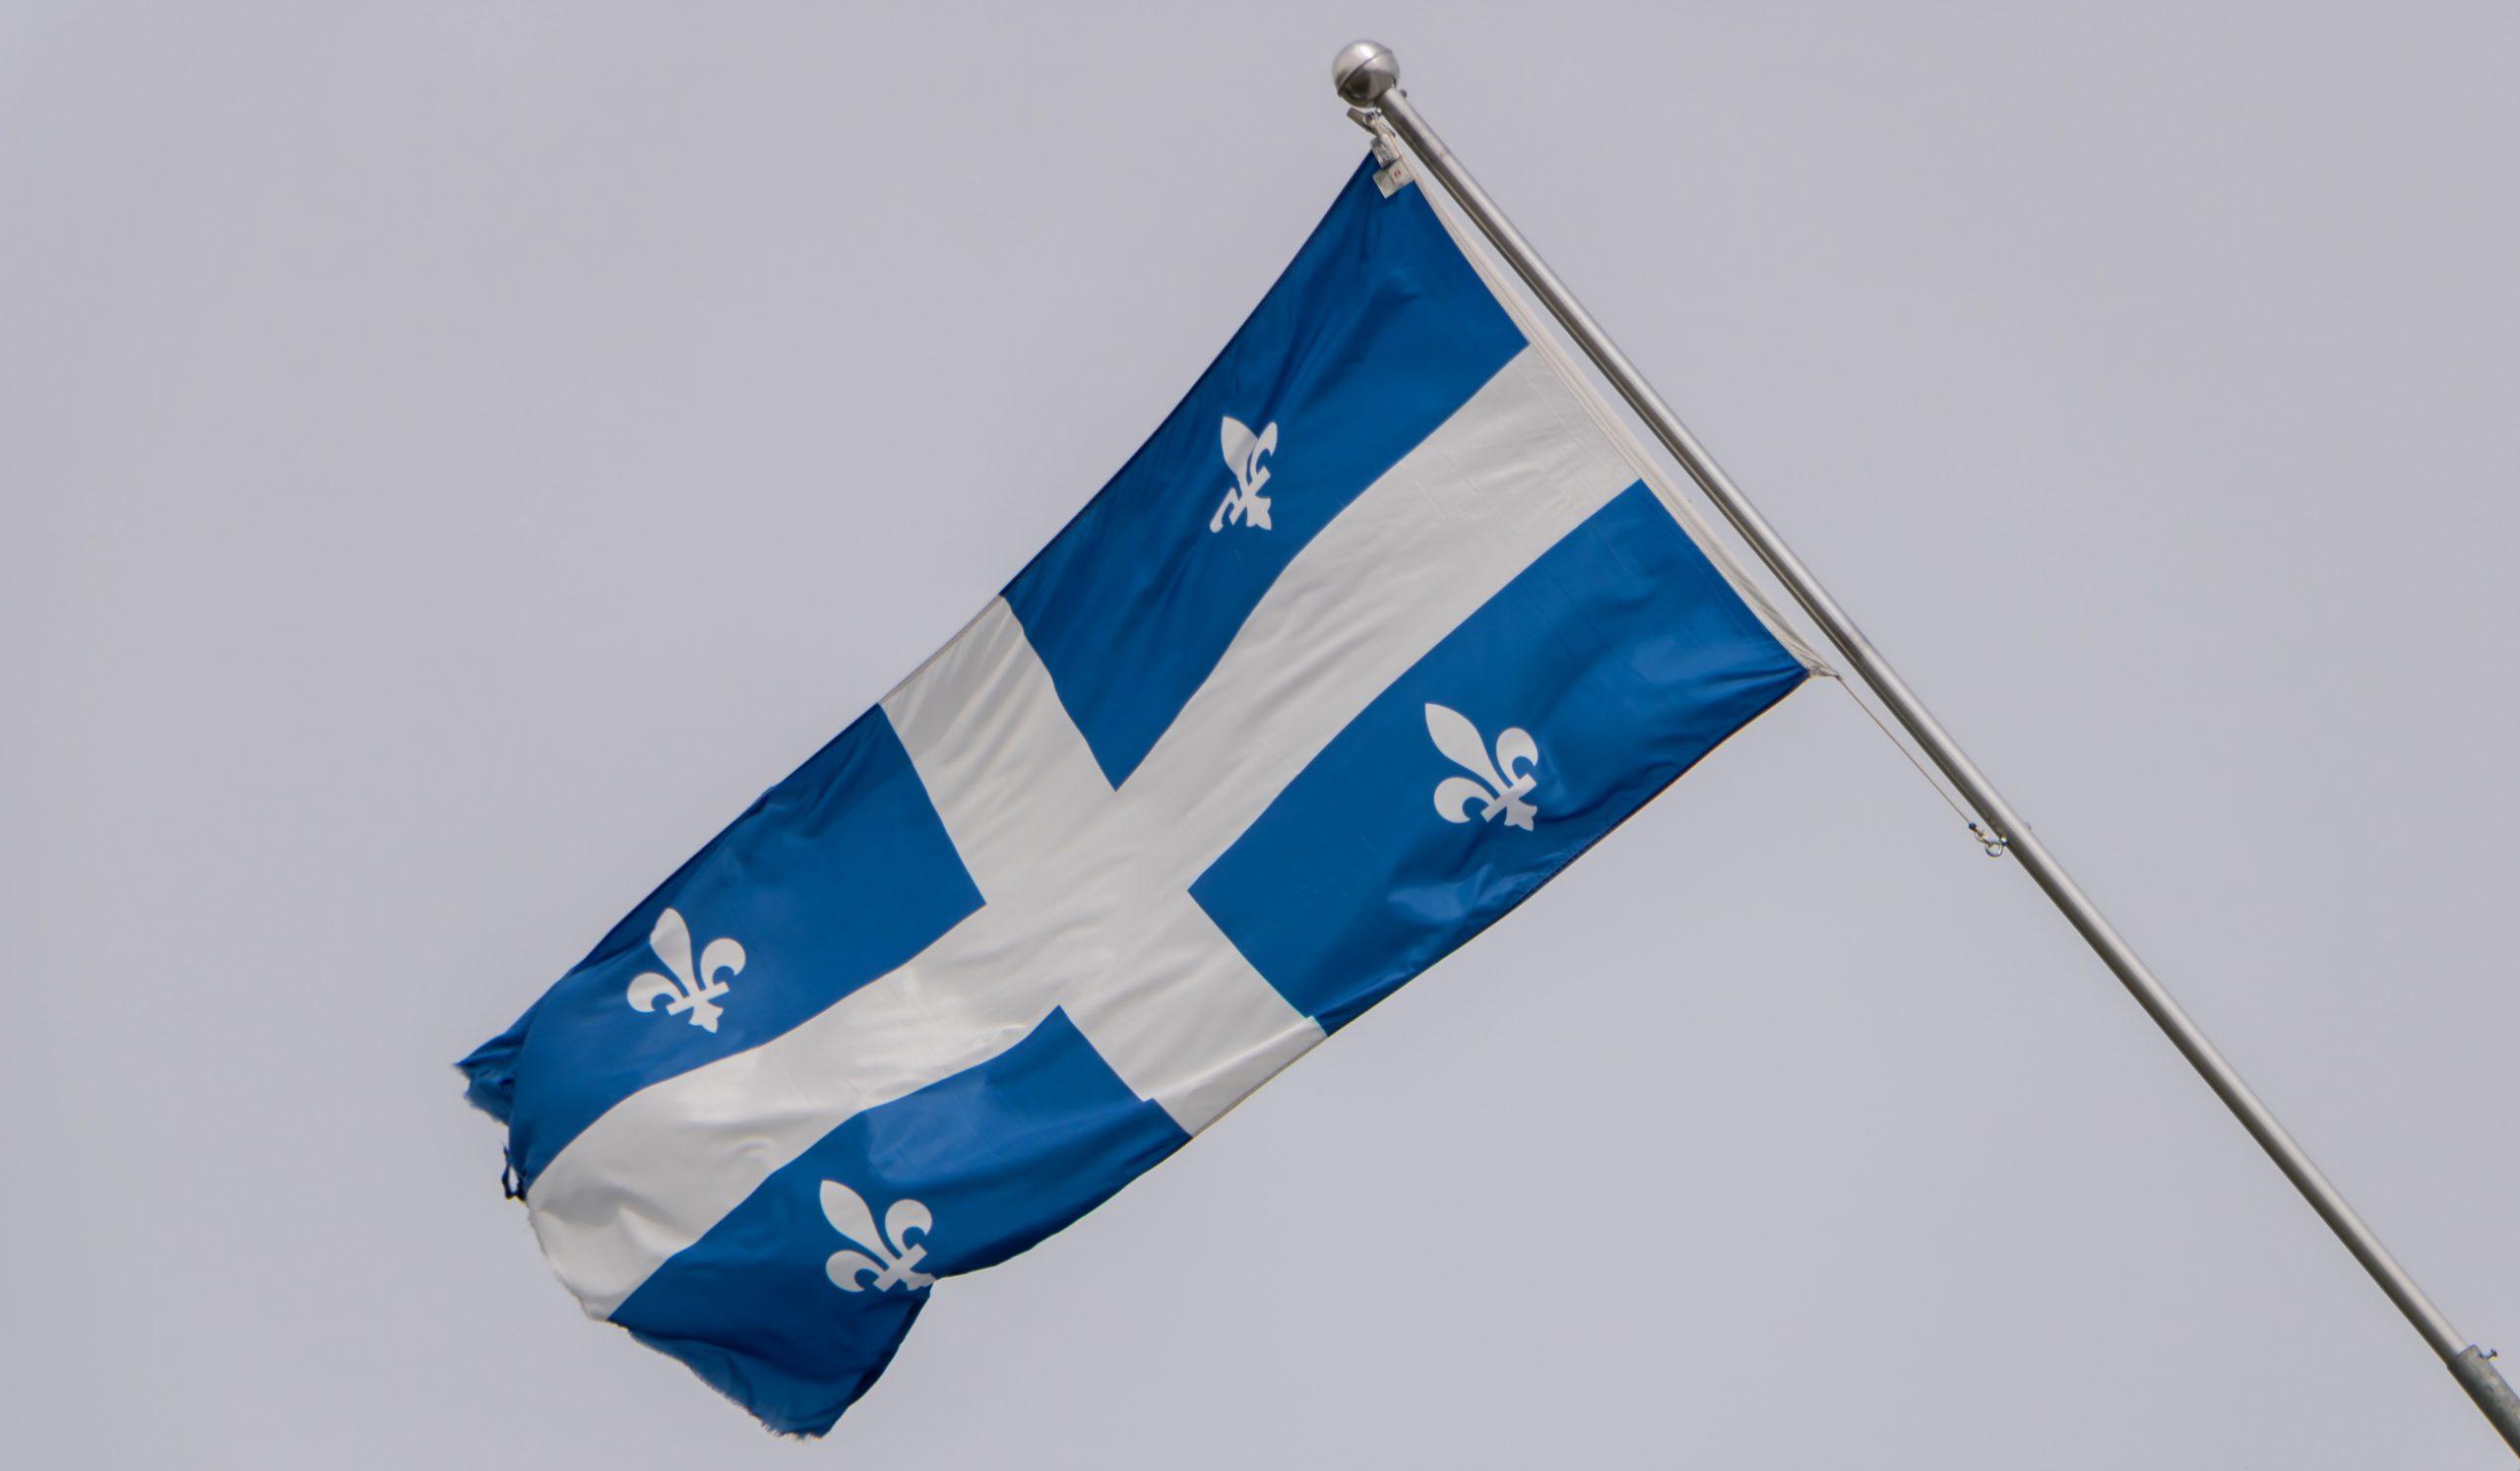 The Fleurdelisé, Quebec's provincial flag.